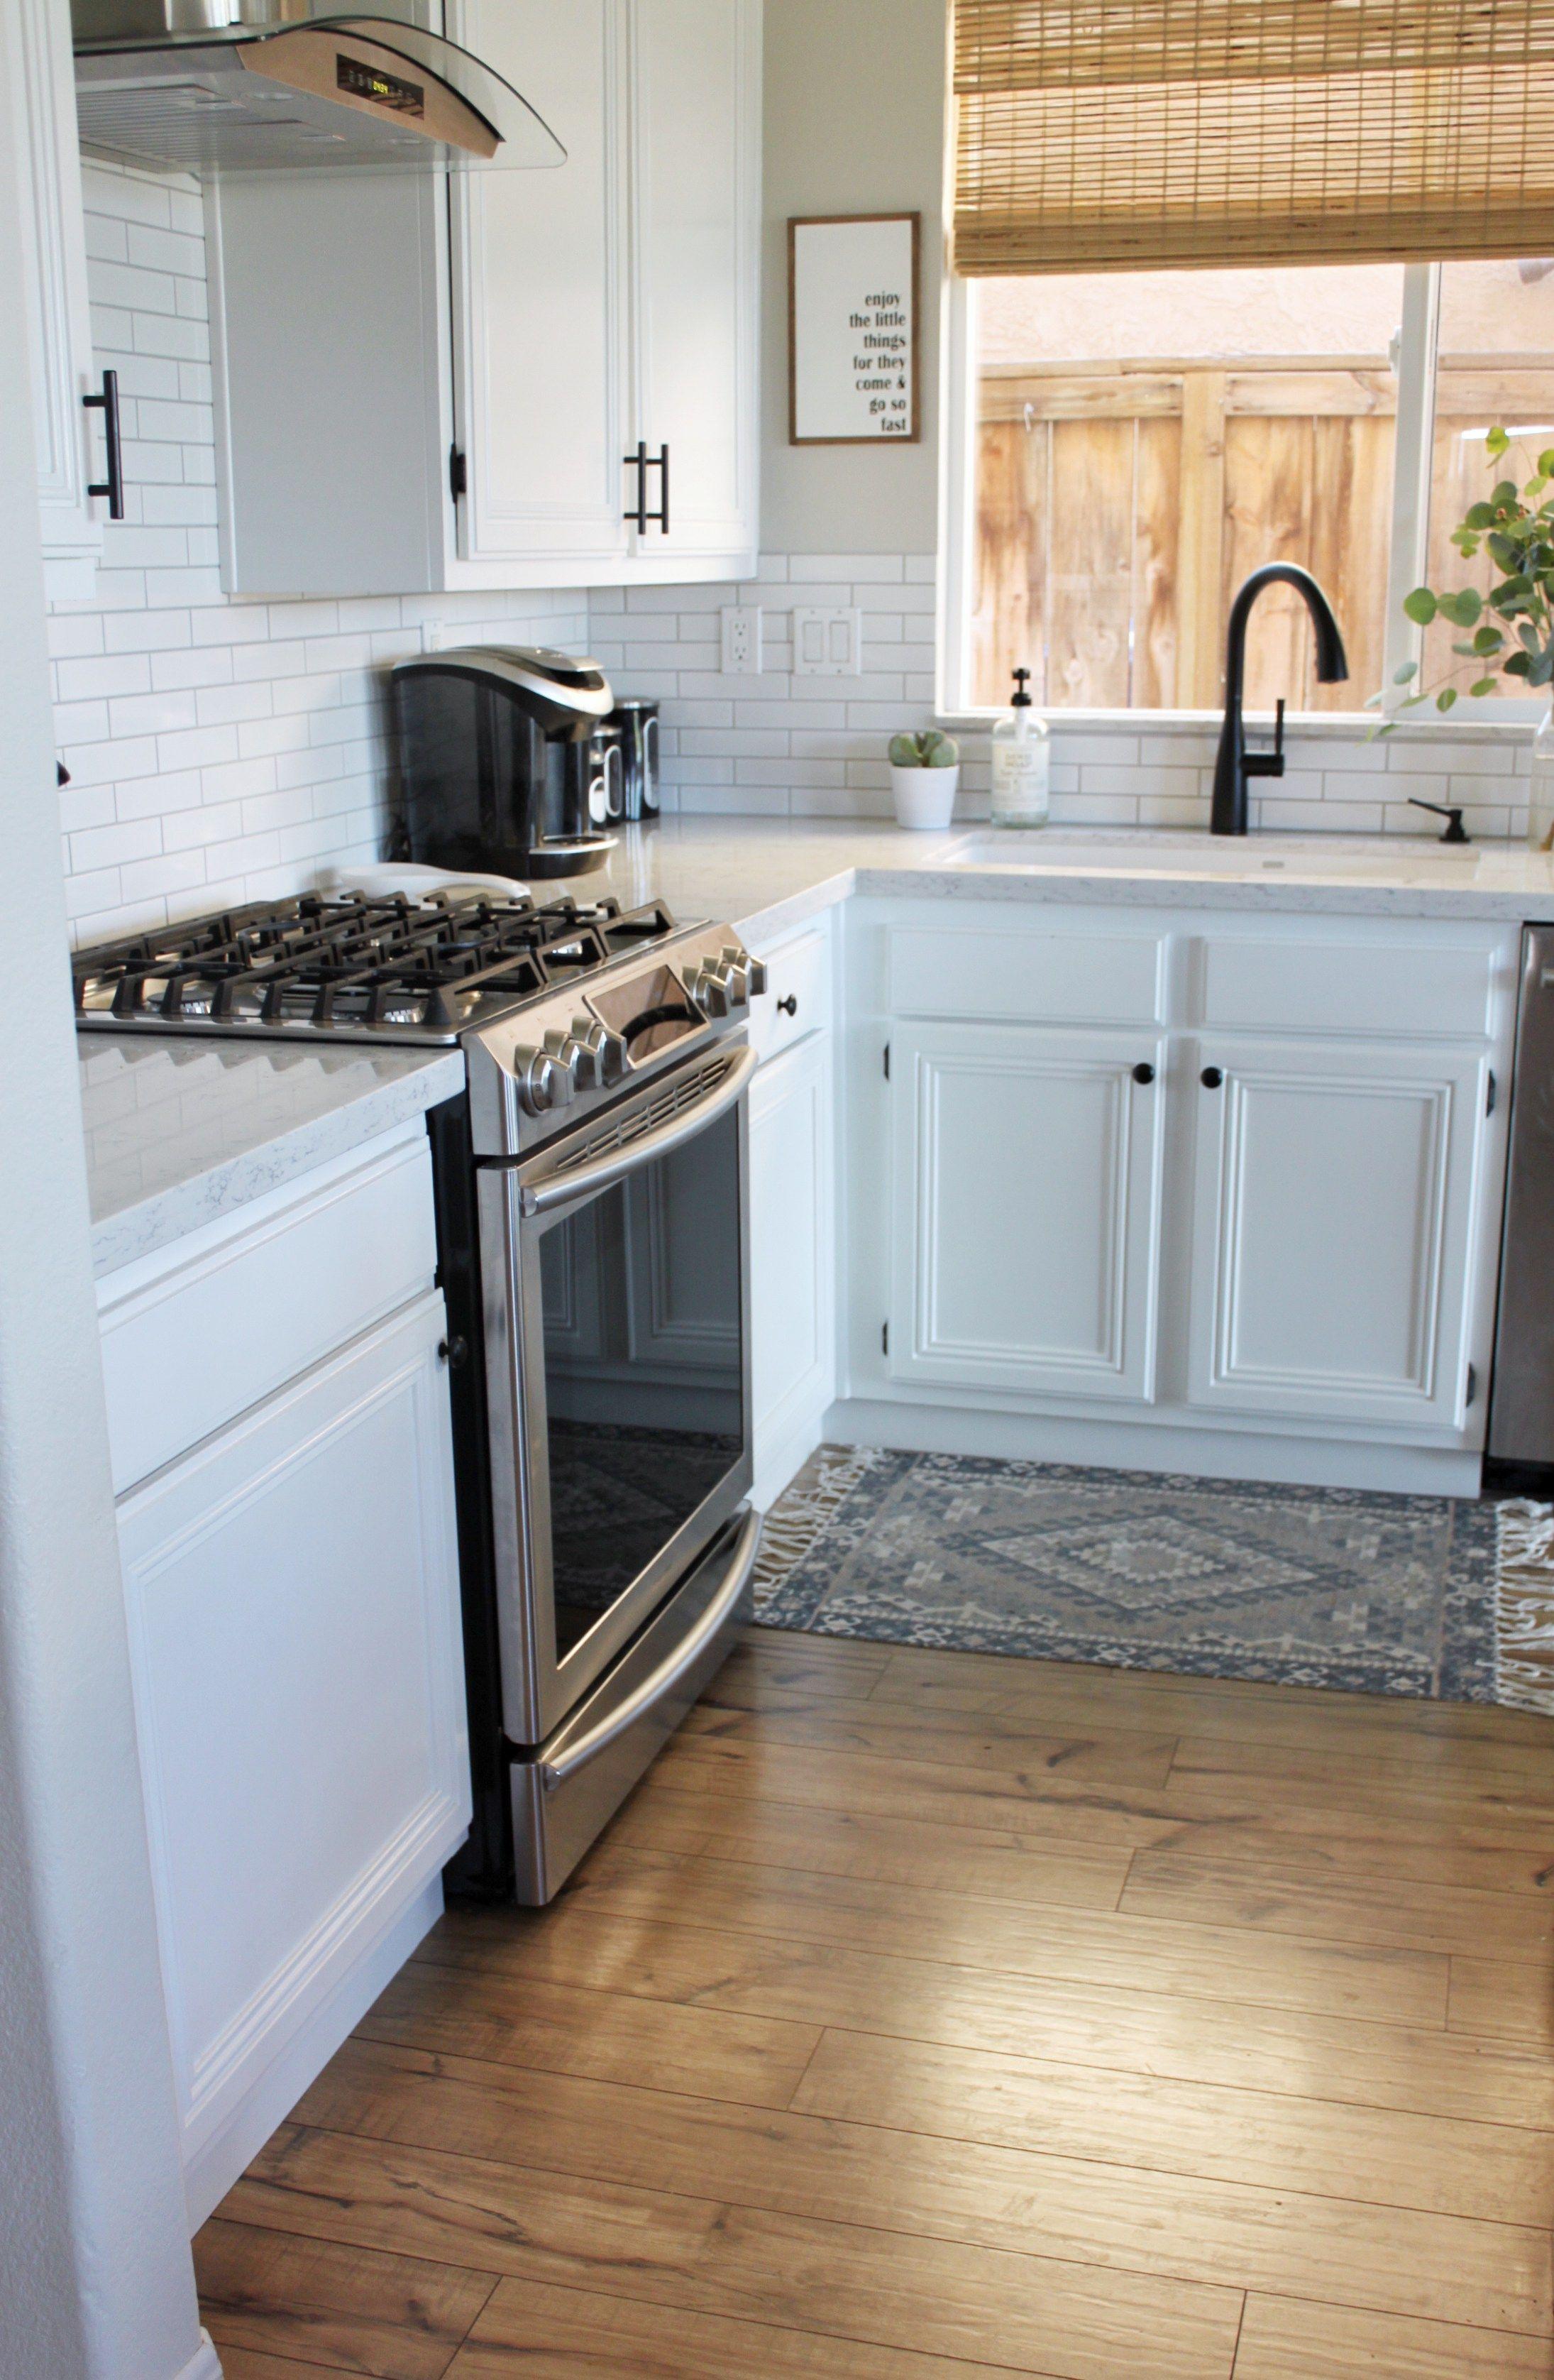 Diy Kitchen Update Cabinet Trim Tutorial Domestic Blonde Diy Kitchen Cabinet Trim Easy Kitchen Updates